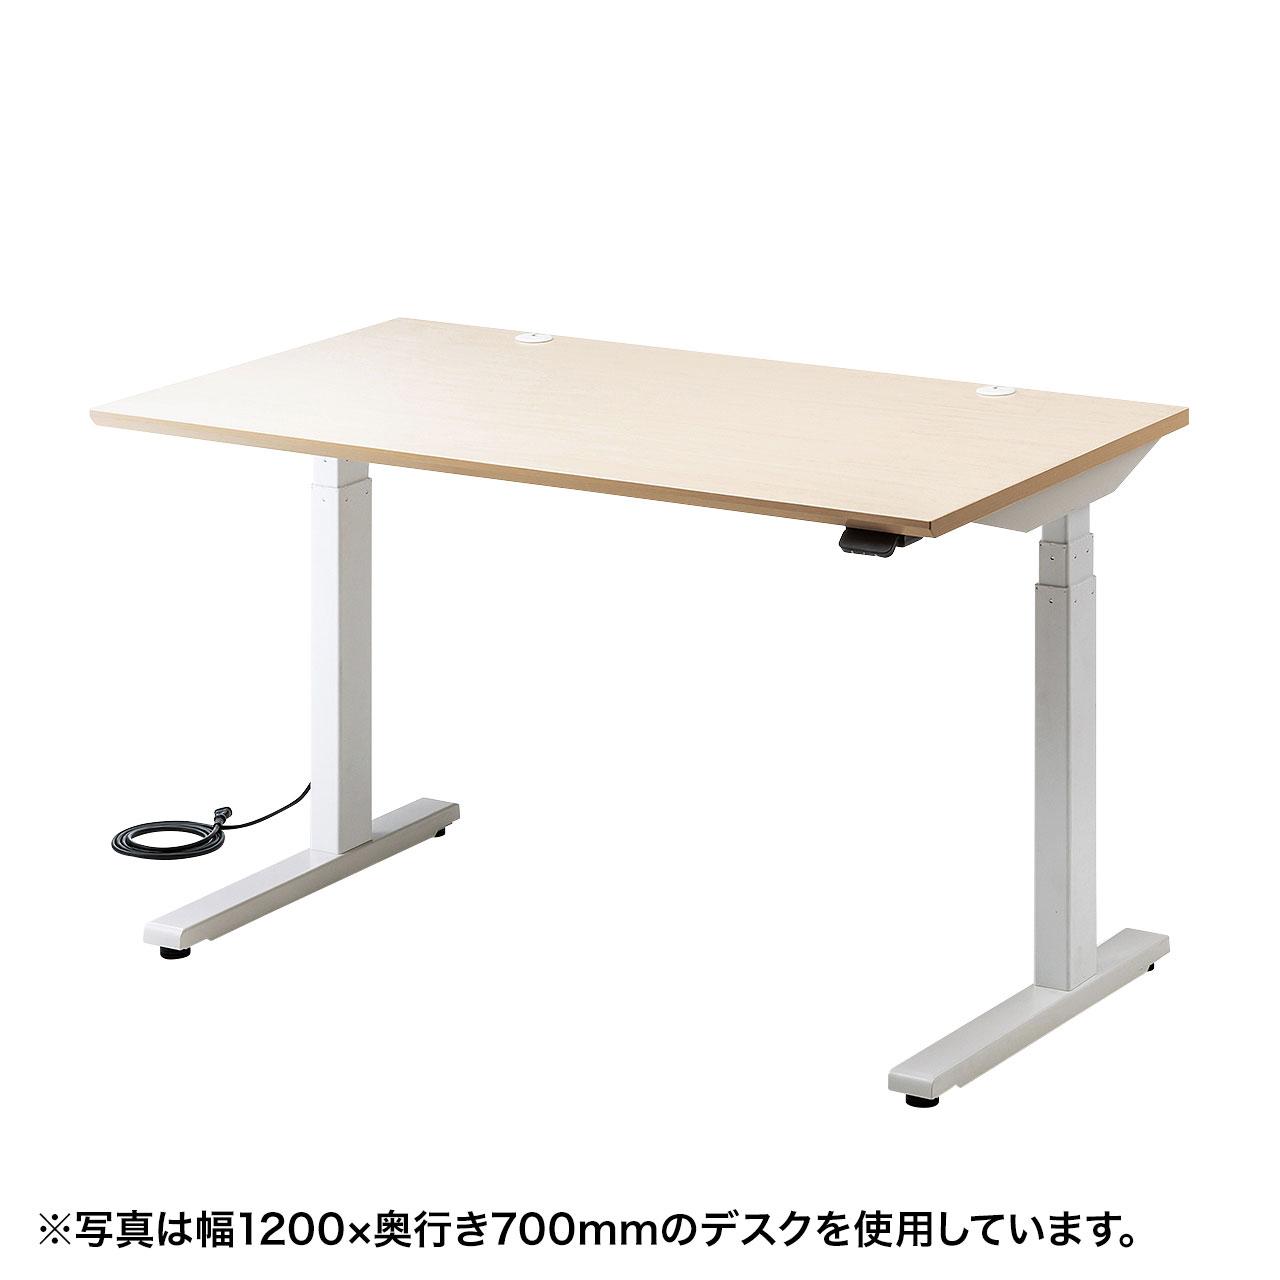 電動上下昇降デスク(W1400×D700mm・薄い木目)商品画像